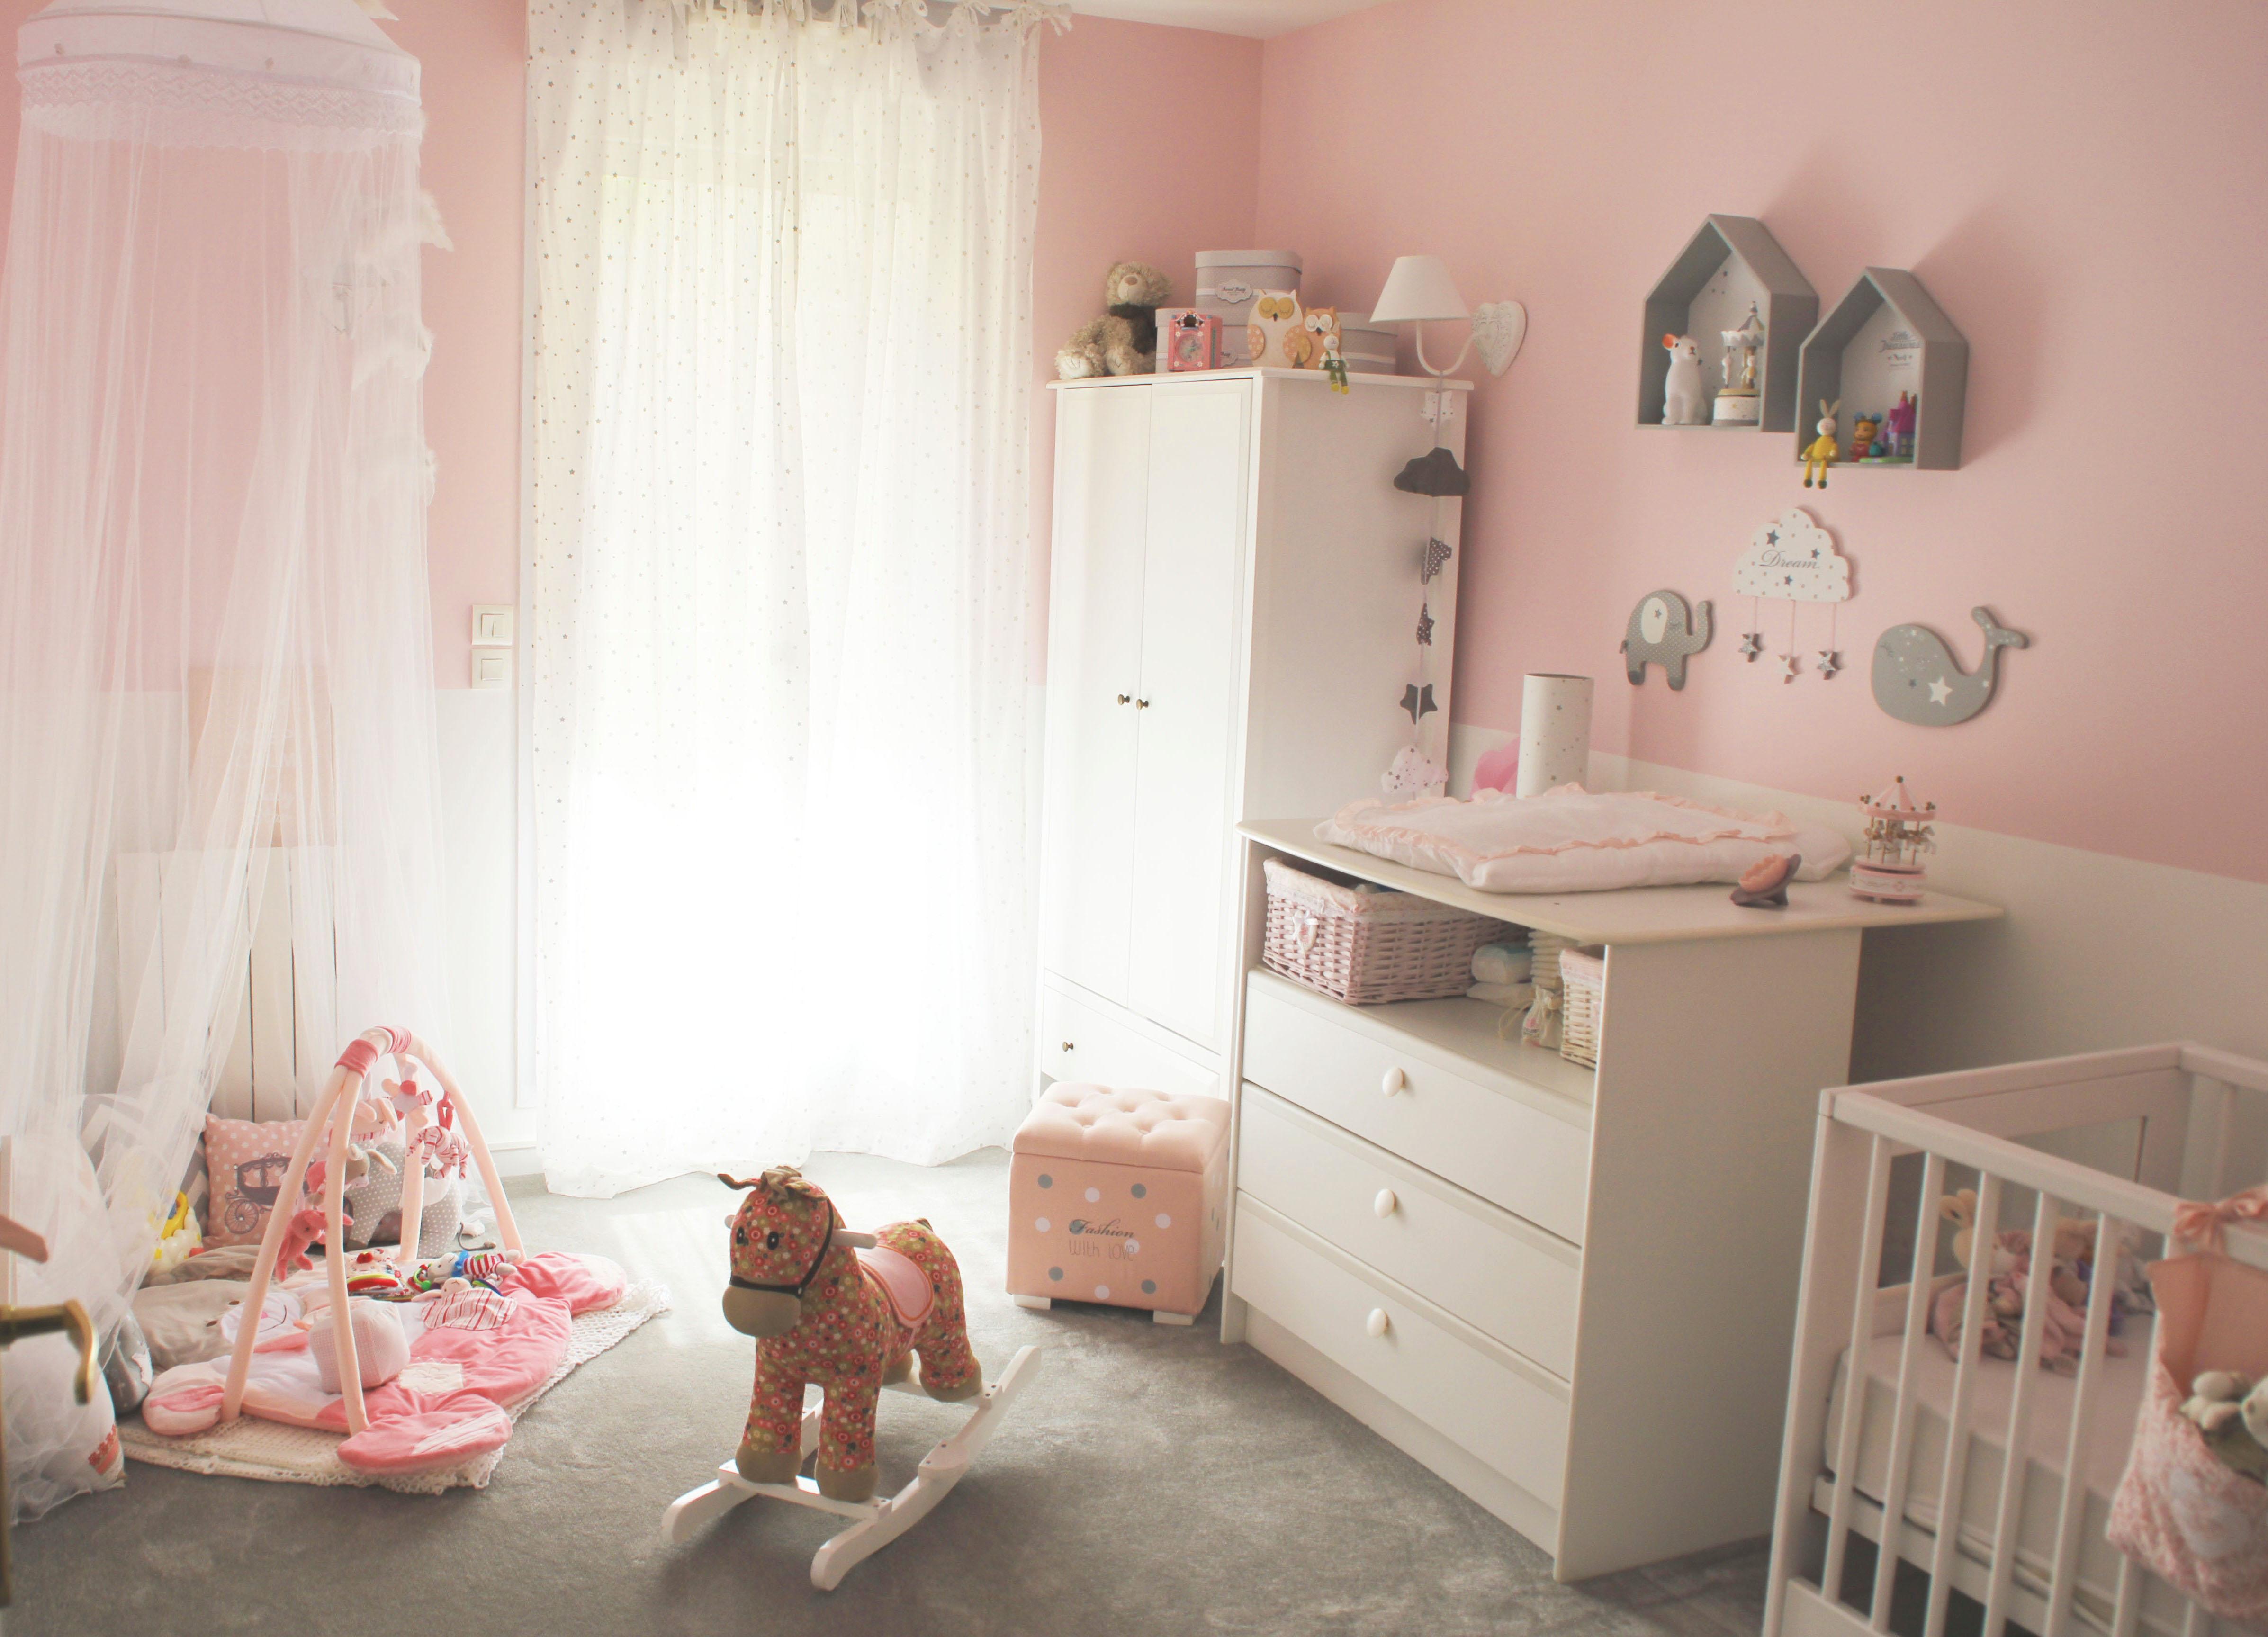 Idee couleur mur chambre bebe garcon - Idées de tricot gratuit